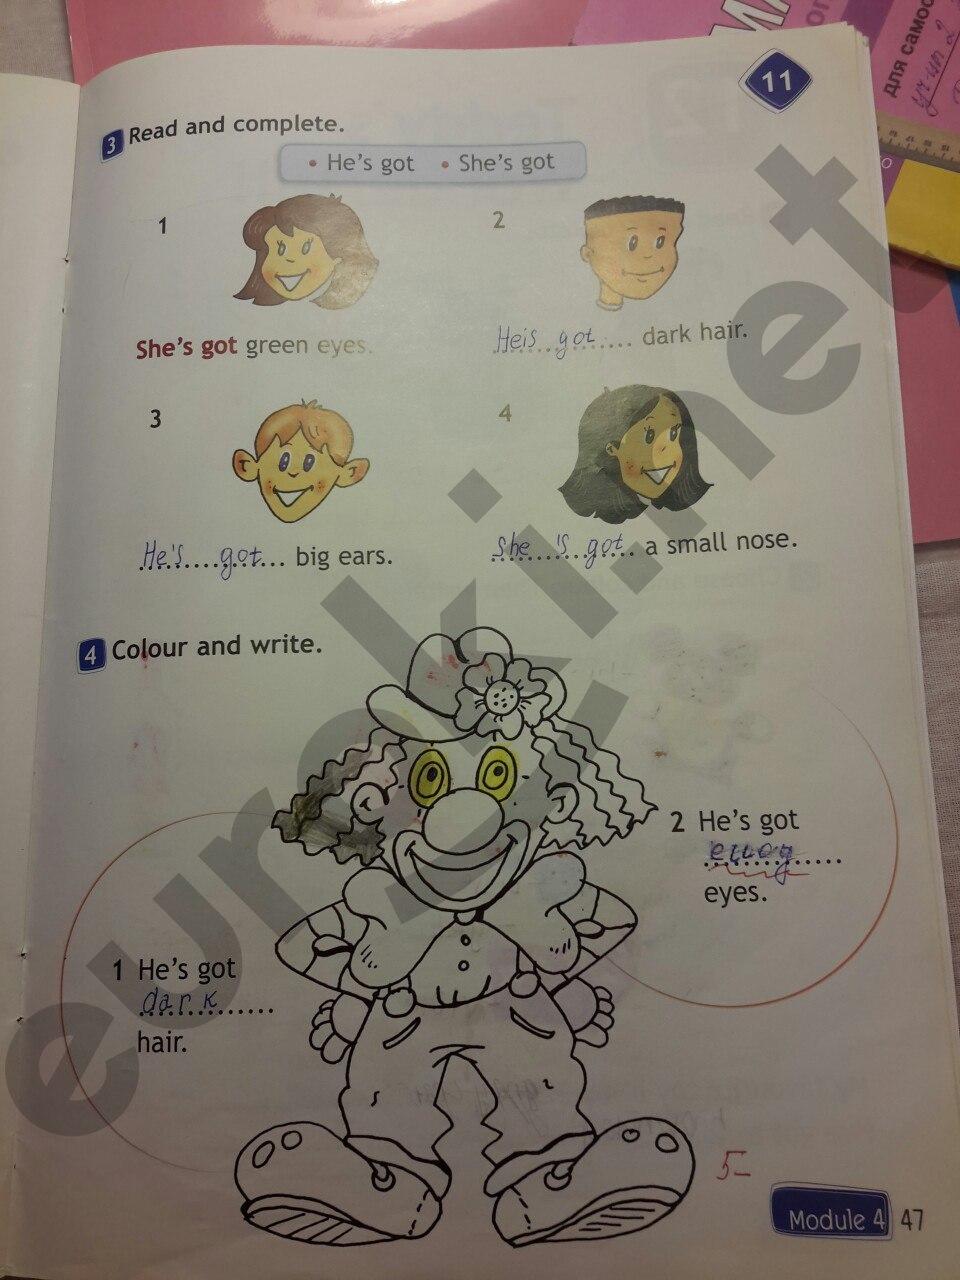 Как сделать домашку по английскому 2 класс